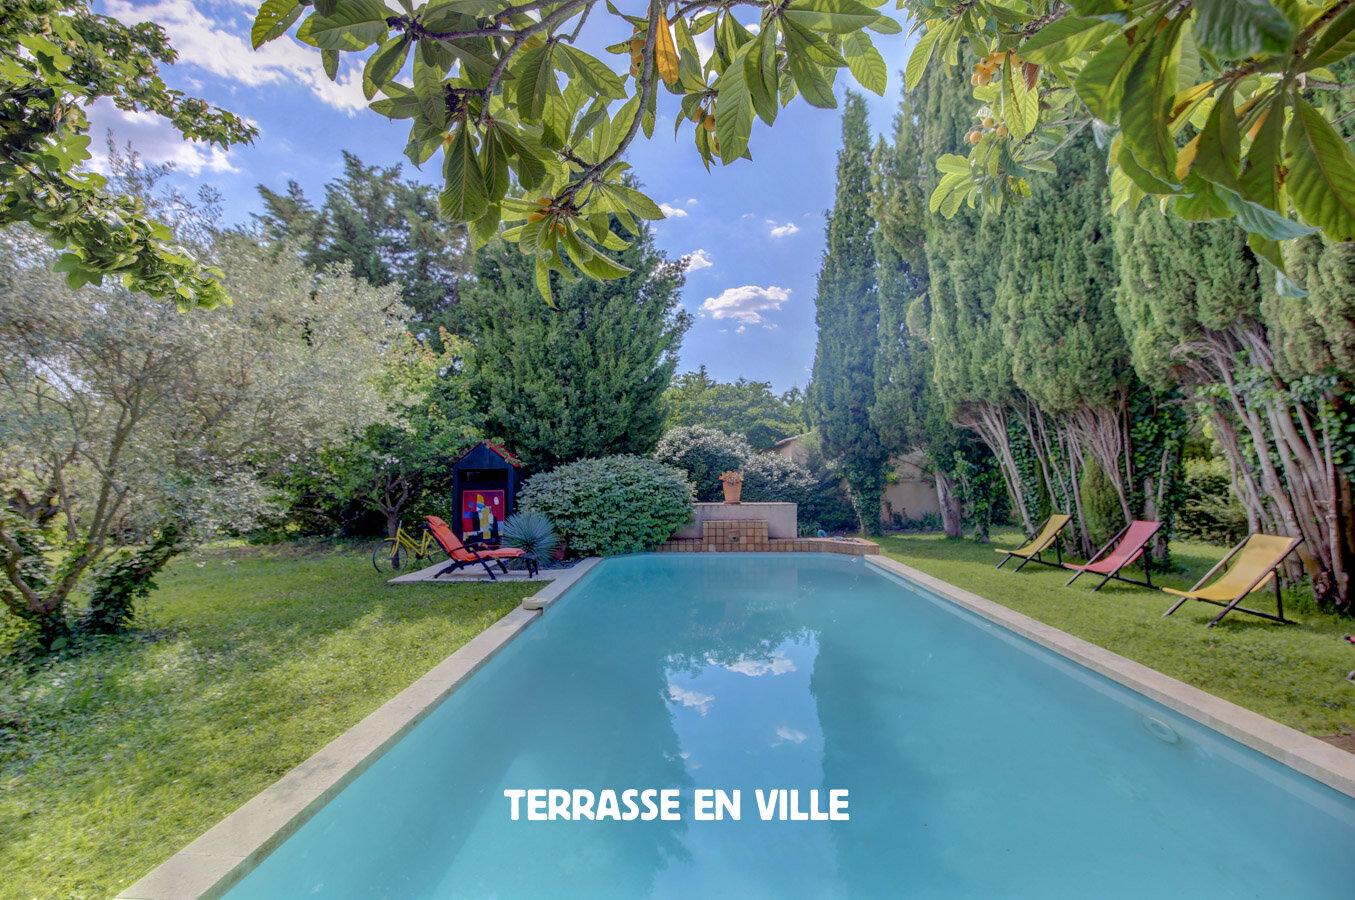 TERRASSE EN VILLE-2.jpg